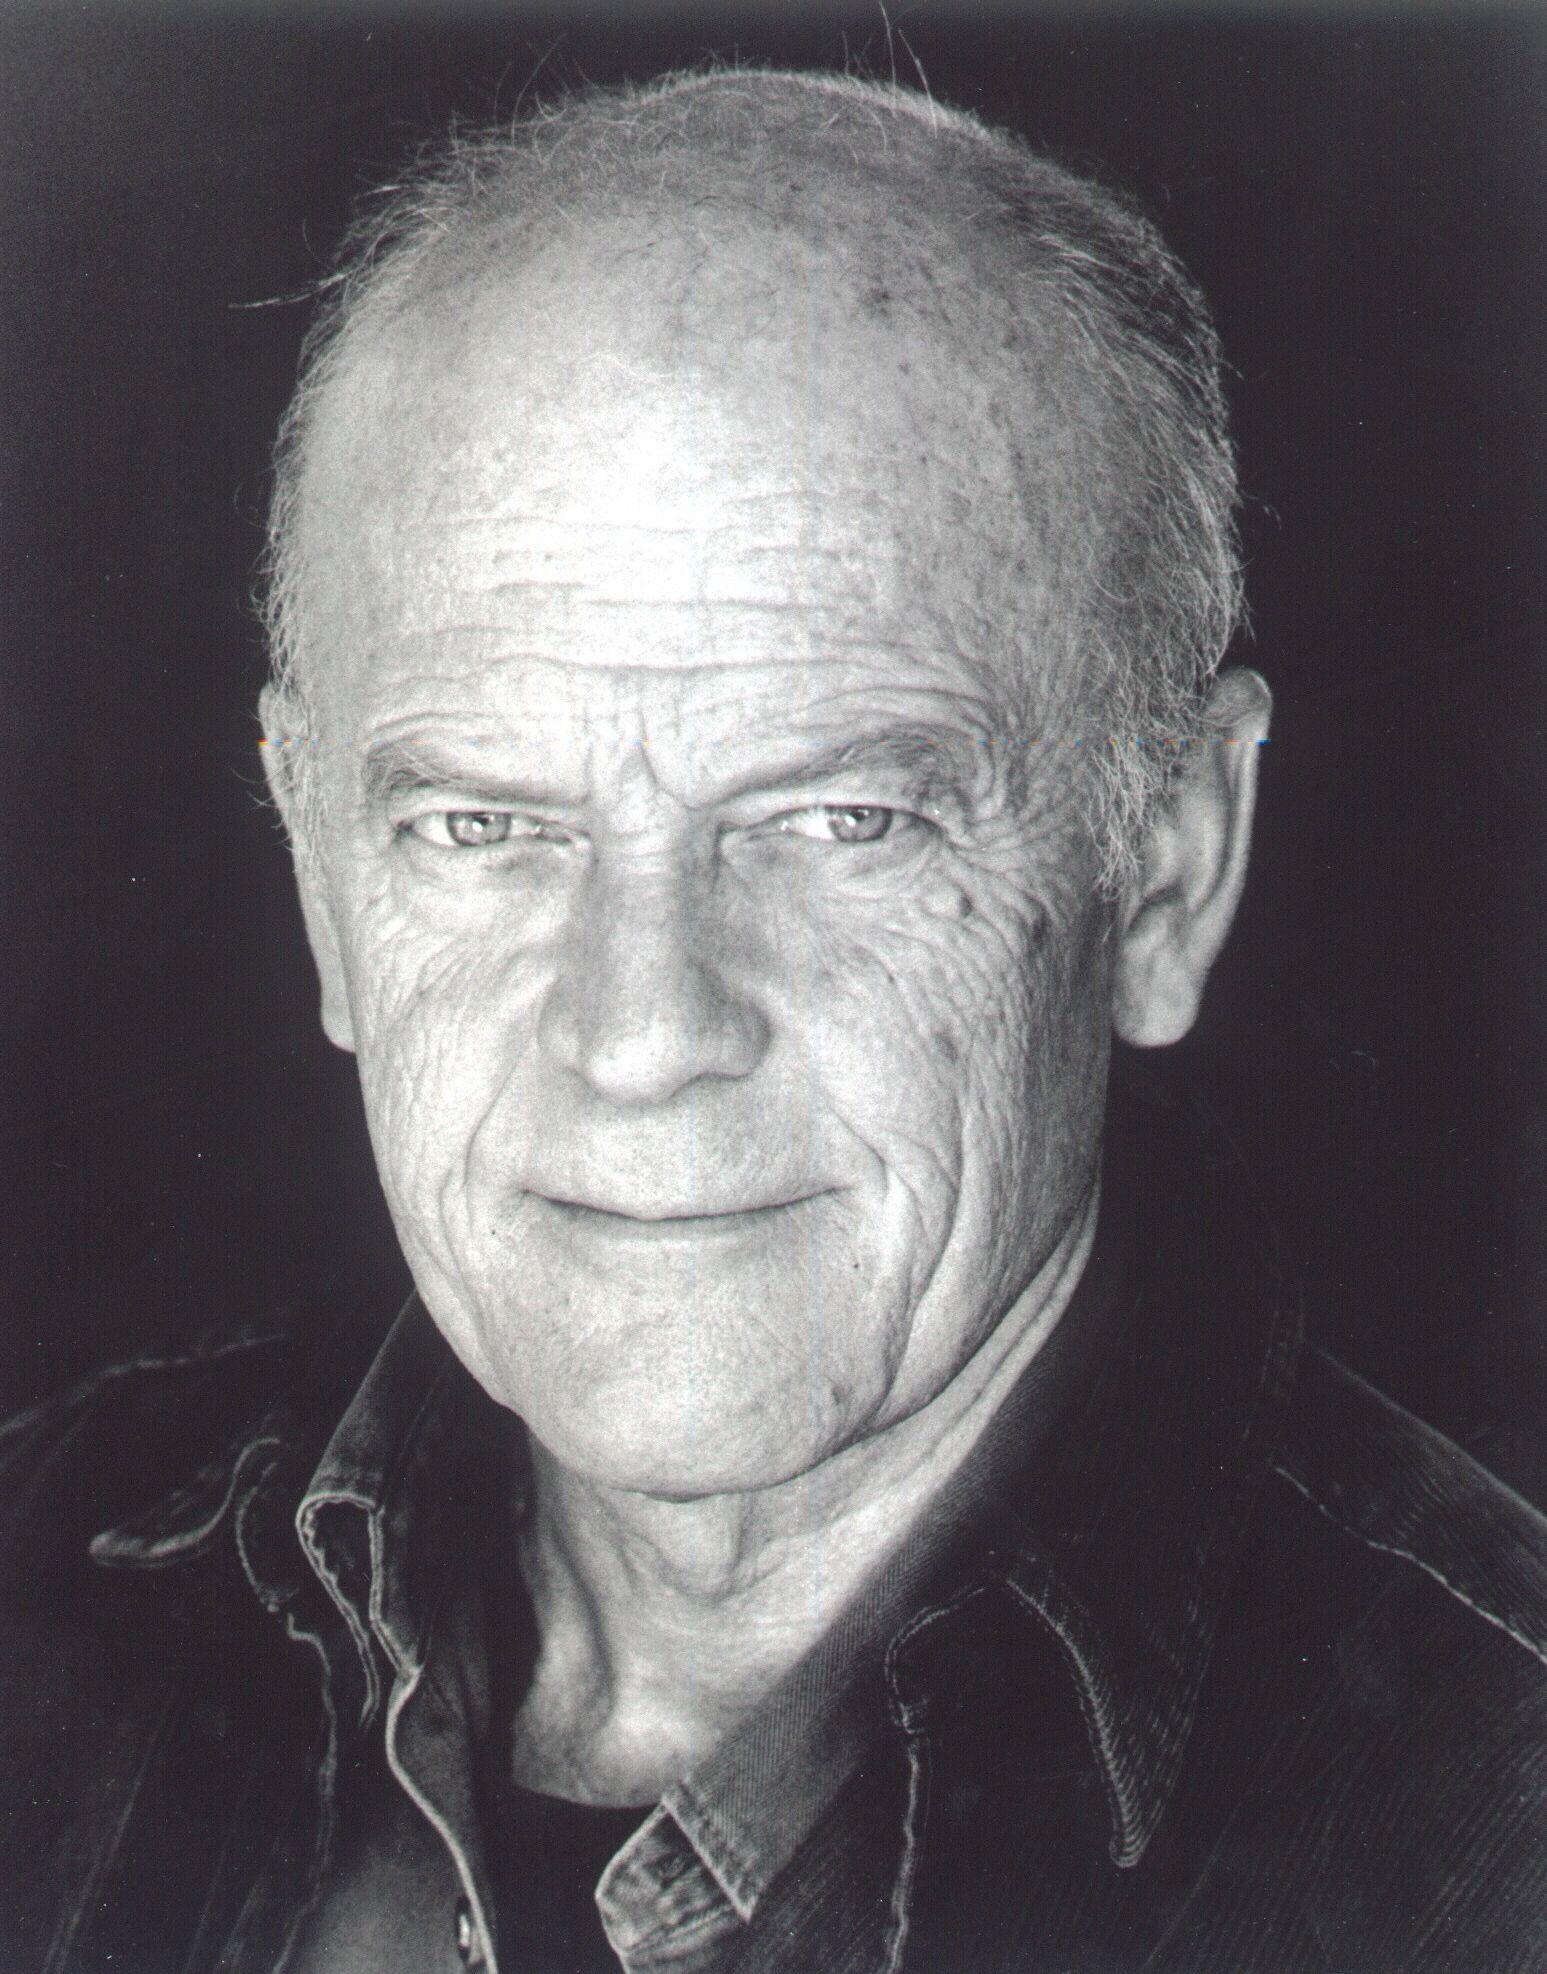 Michael Byrne